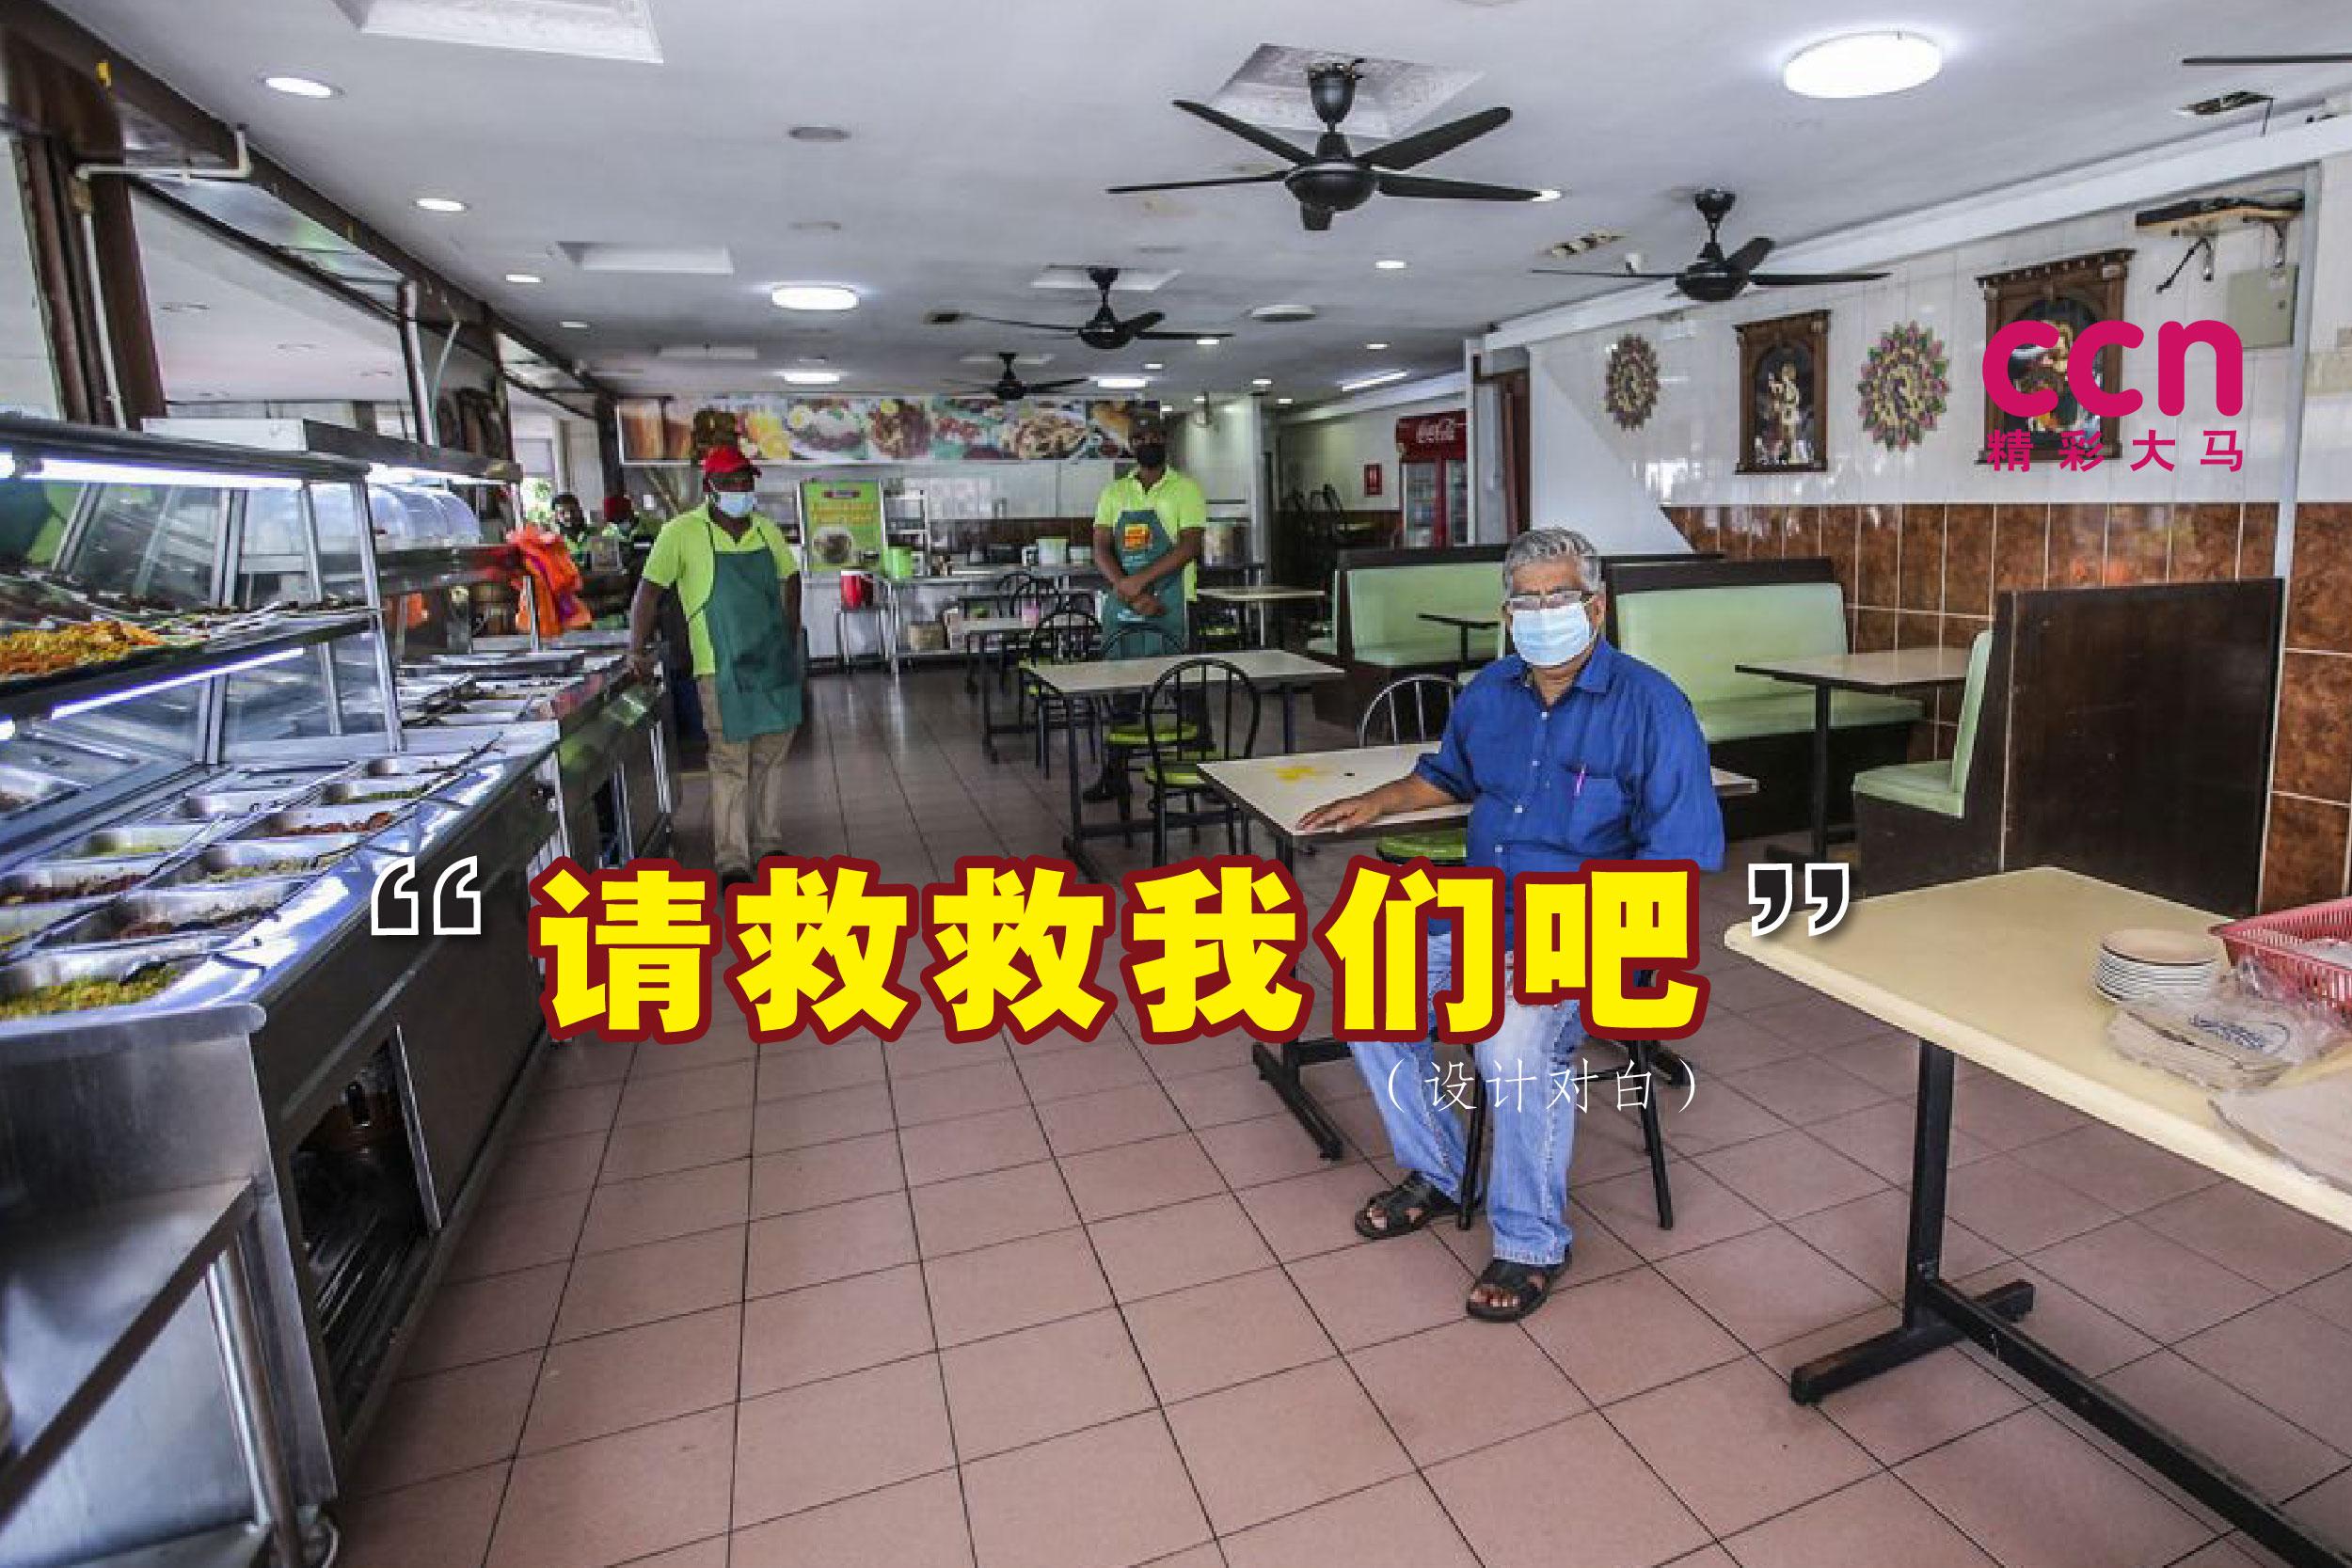 餐饮业者促请政府允许开放堂食,让人民重返工作岗位,以便拯救中小型企业。-Hari Anggara摄-